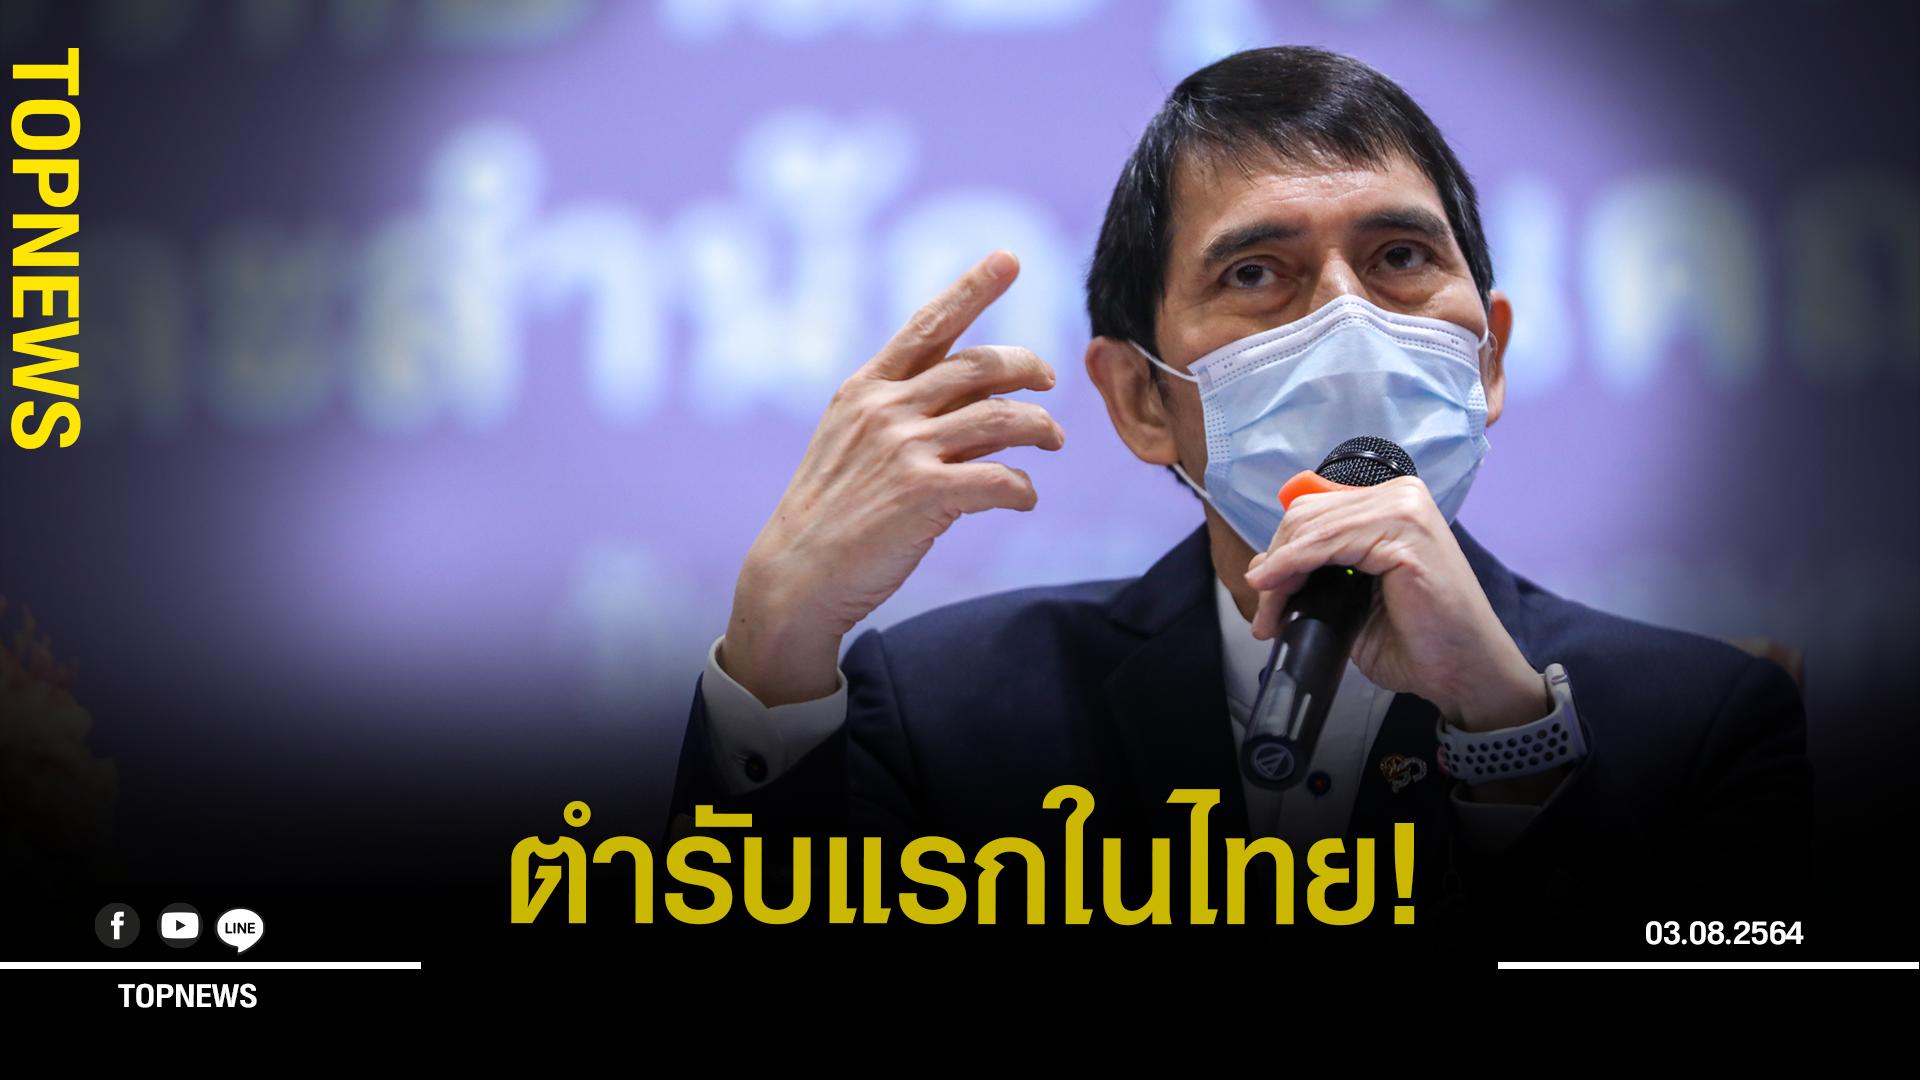 """ตำรับแรกในไทย! """"หมอนิธิ"""" เผยผลิตยาน้ำเชื่อมฟาวิพิราเวียร์ เพื่อเด็กและผู้ป่วยที่กินยายาก"""